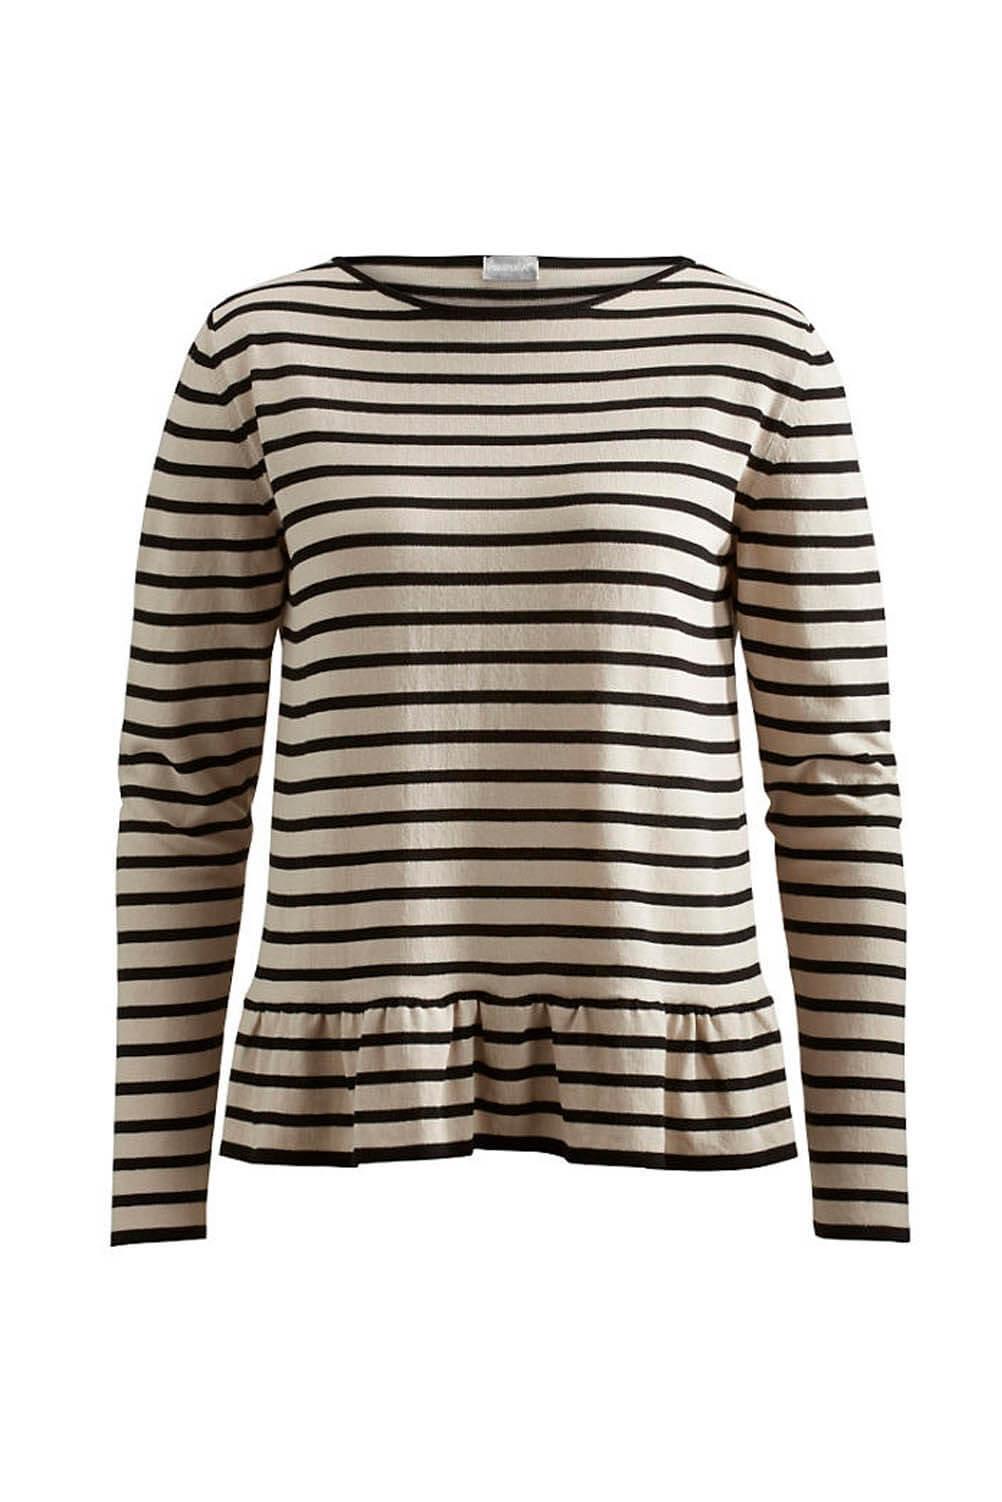 hessnatur-rueschen-romantische-sommer-stylings-streifen-pullover-beige